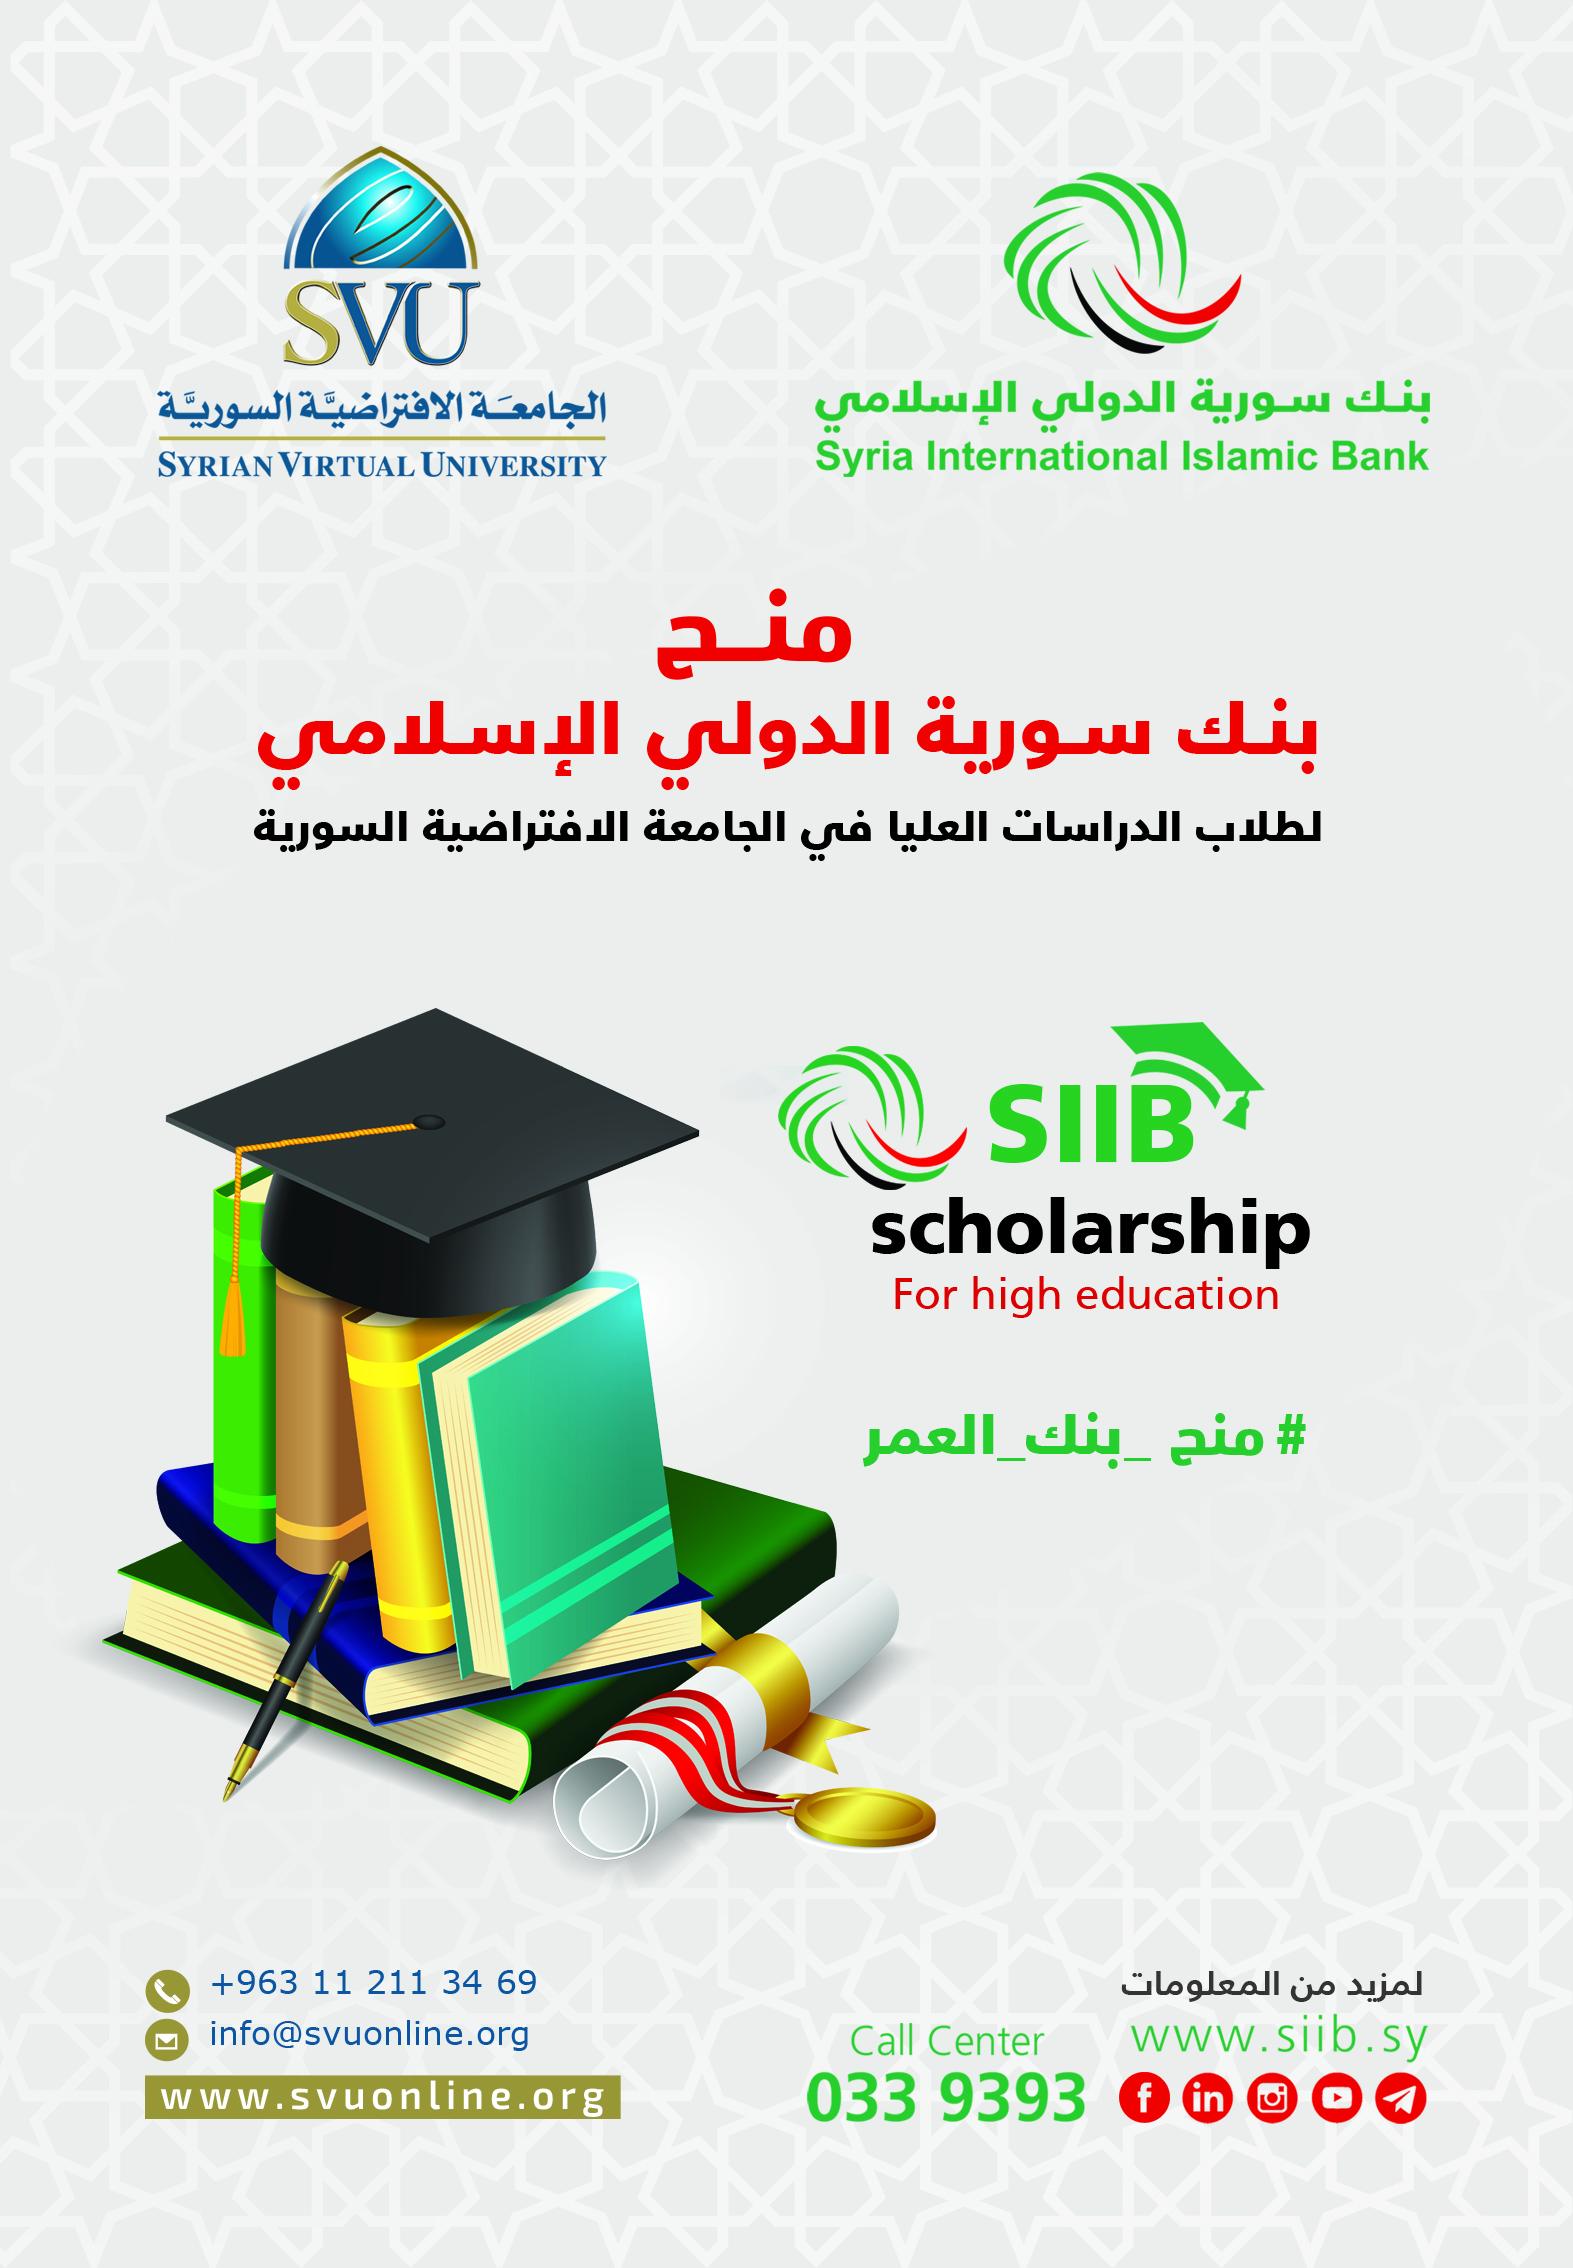 منح بنك سورية الدولي الإسلامي لطلاب الجامعة الافتراضية السورية 2019